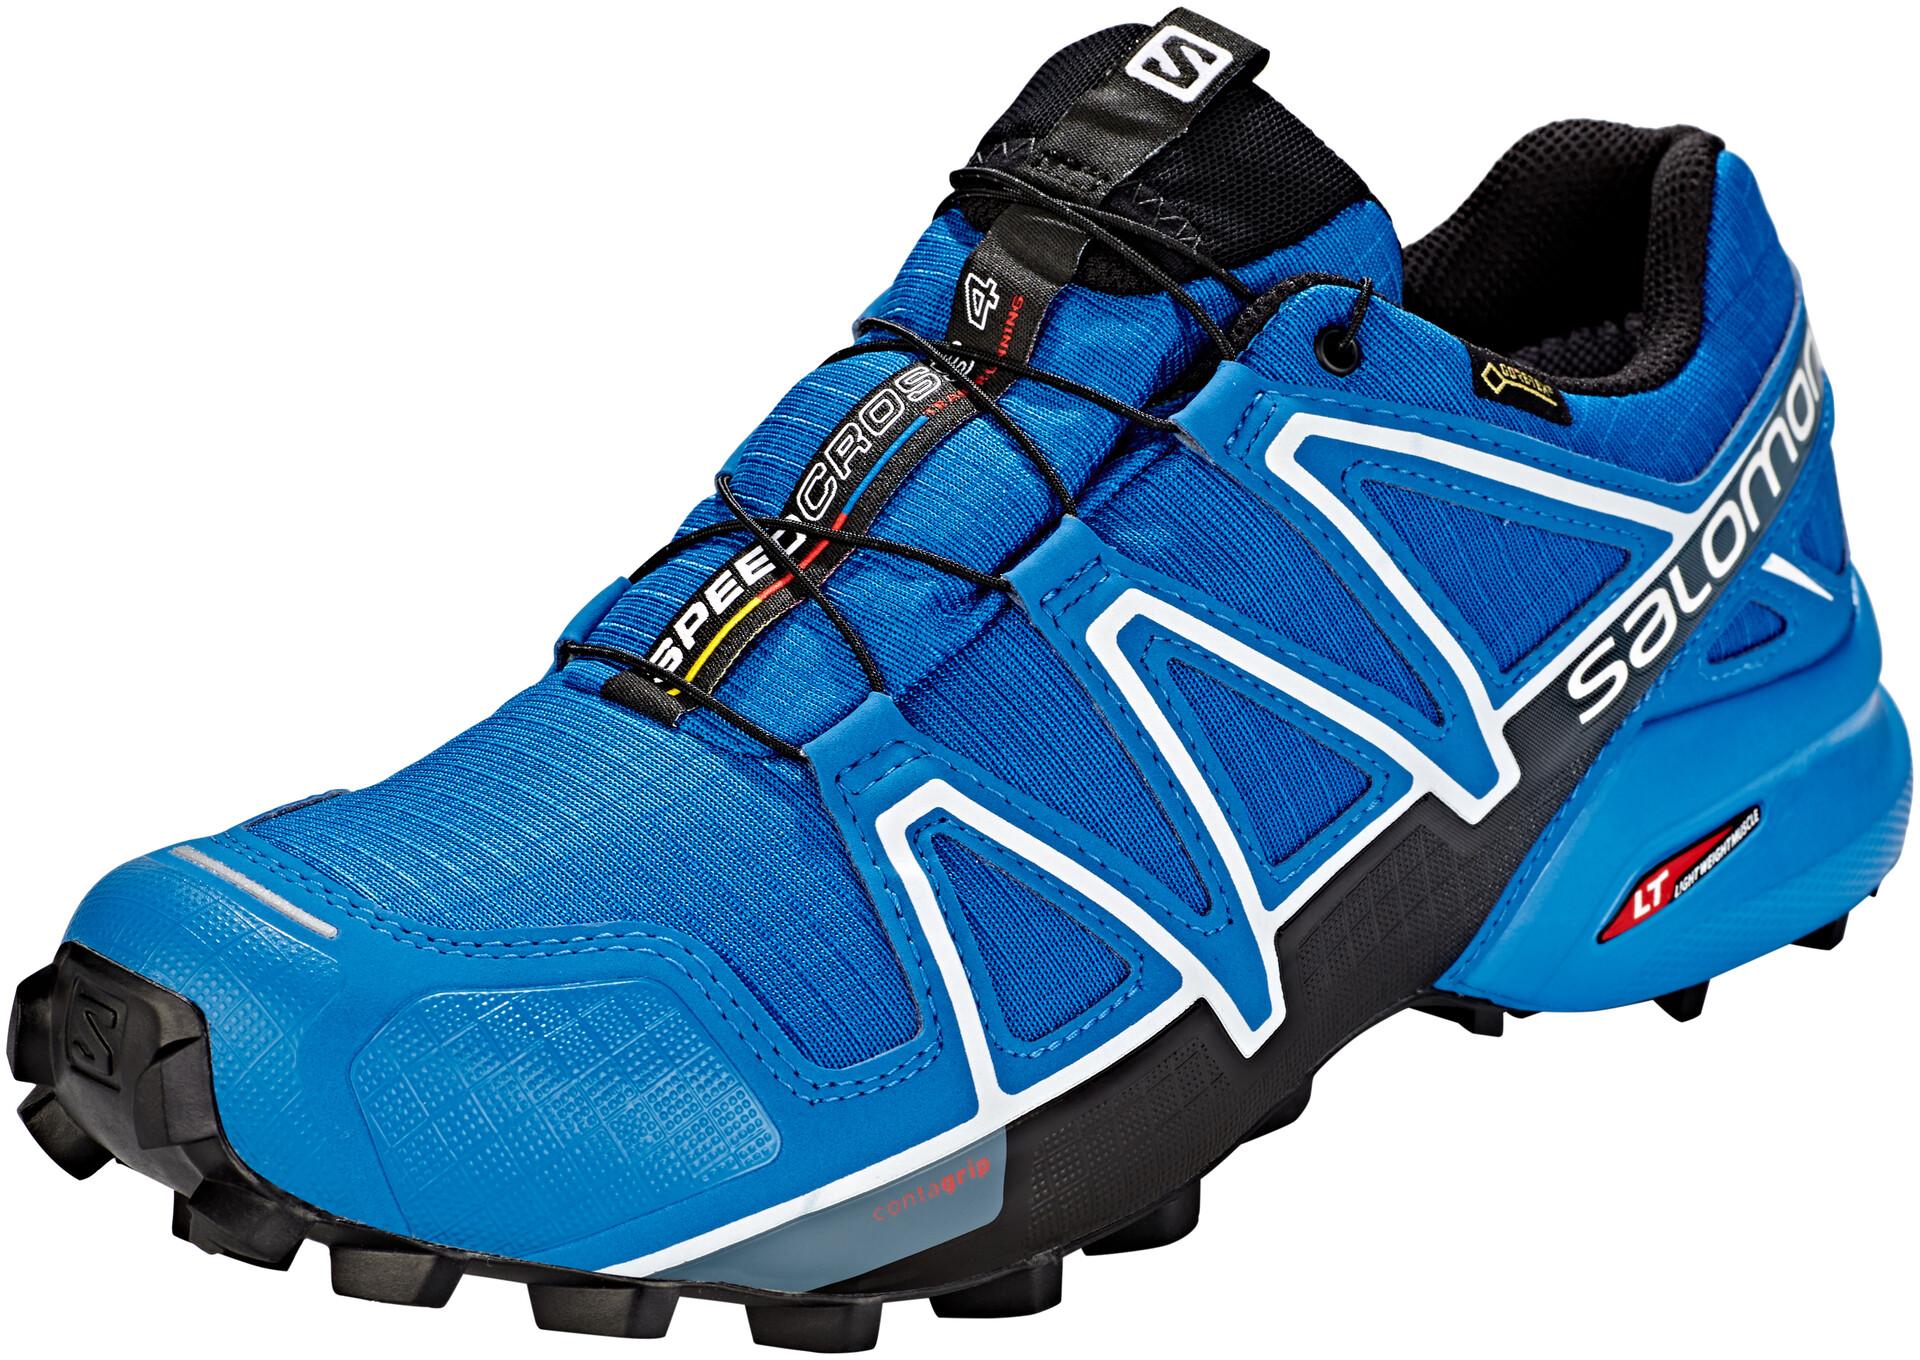 Salomon Speedcross 4 GTX Schoenen Heren, sky diver/indigo bunting/black